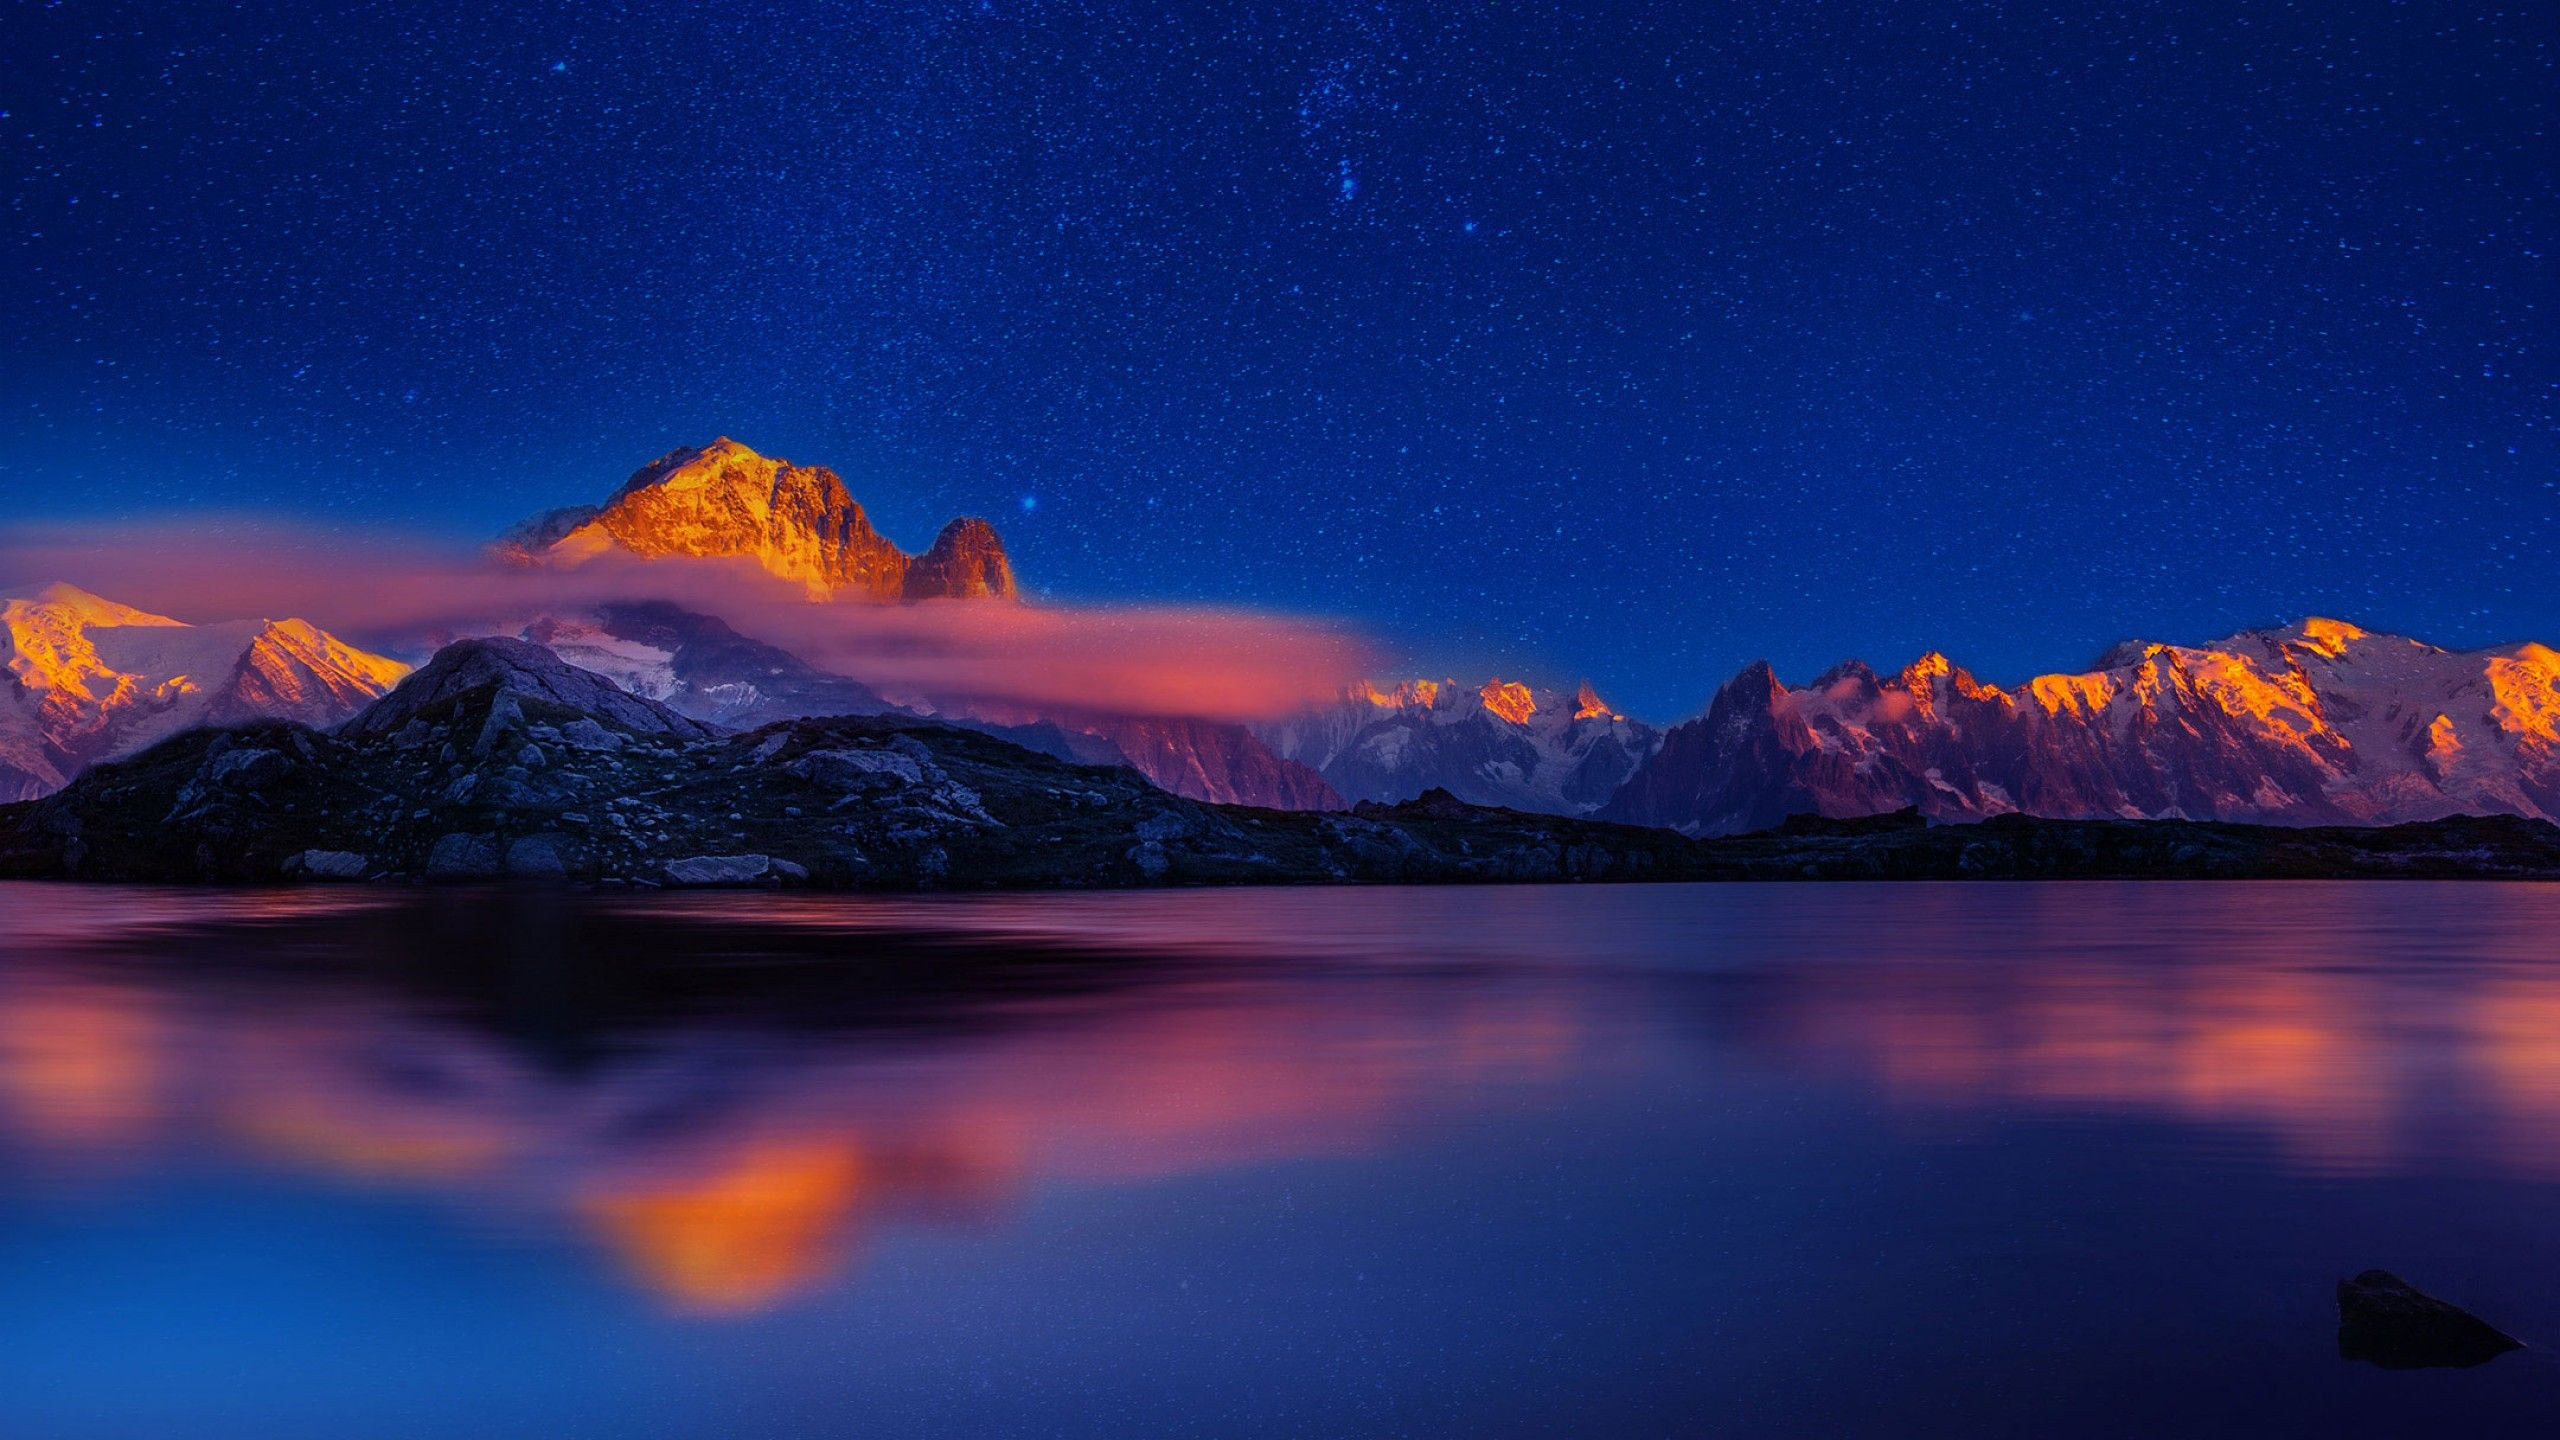 2560x1440 Dãy núi hình nền, Huawei P9, Cổ phần, độ phân giải cao, Thiên nhiên